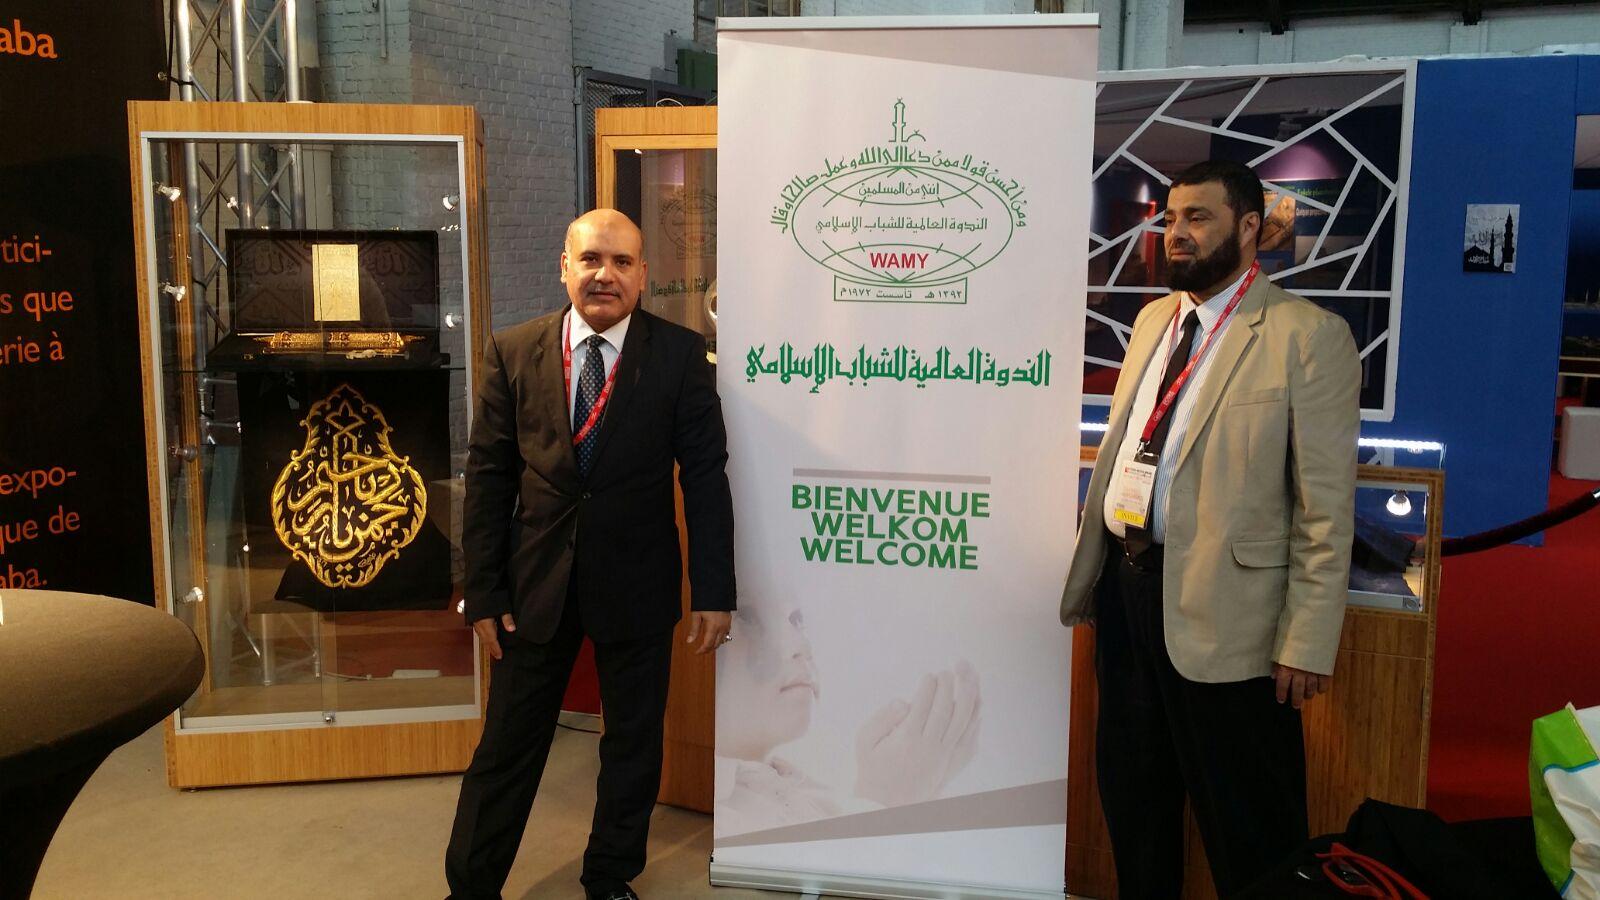 الحرمان الشريفان في معرض للتعريف بالإسلام في بلجيكا (4)